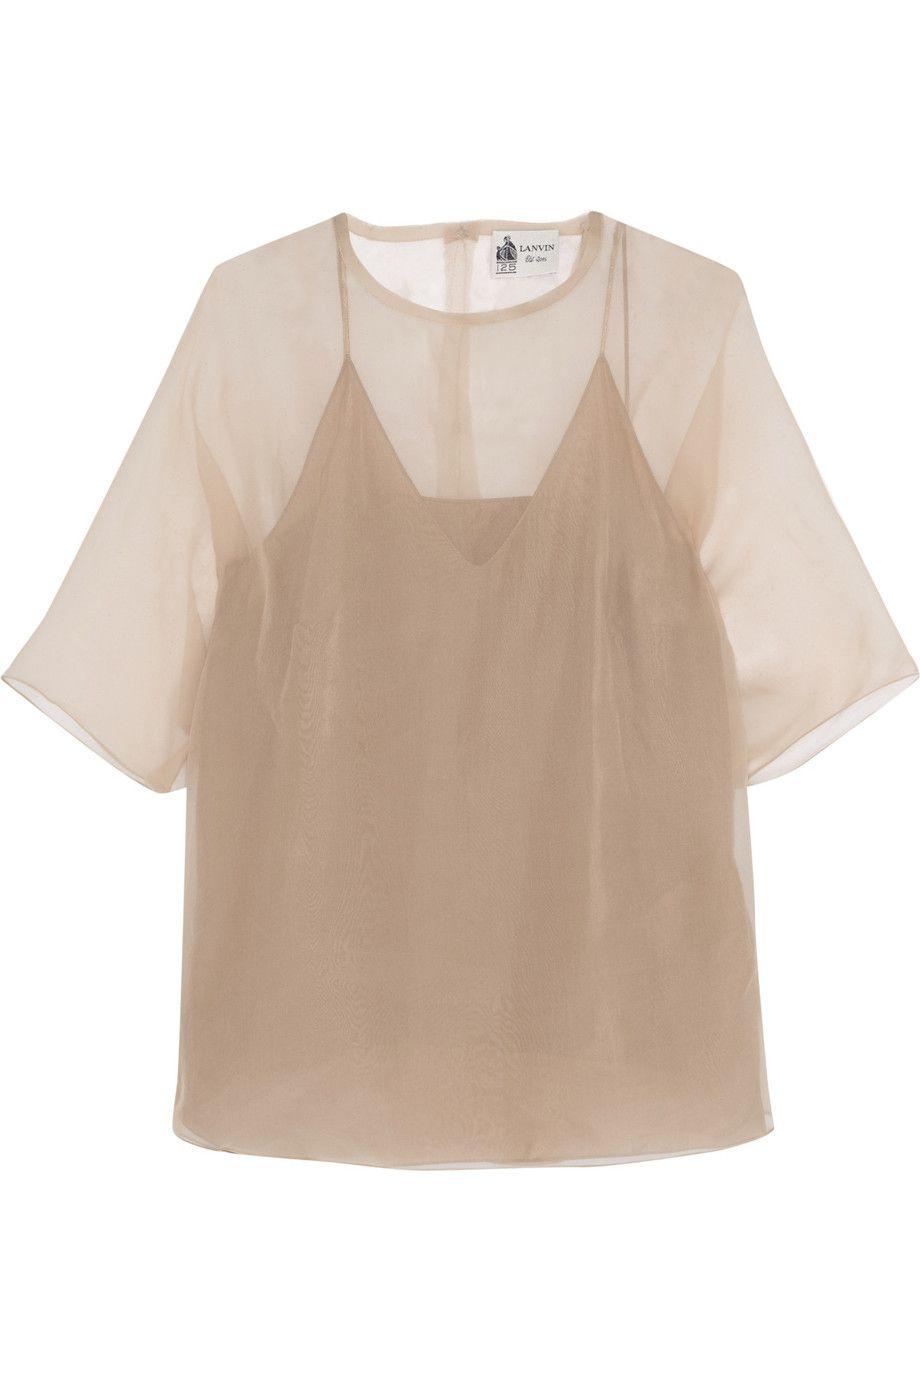 lanvin silkorganza top lanvin cloth top